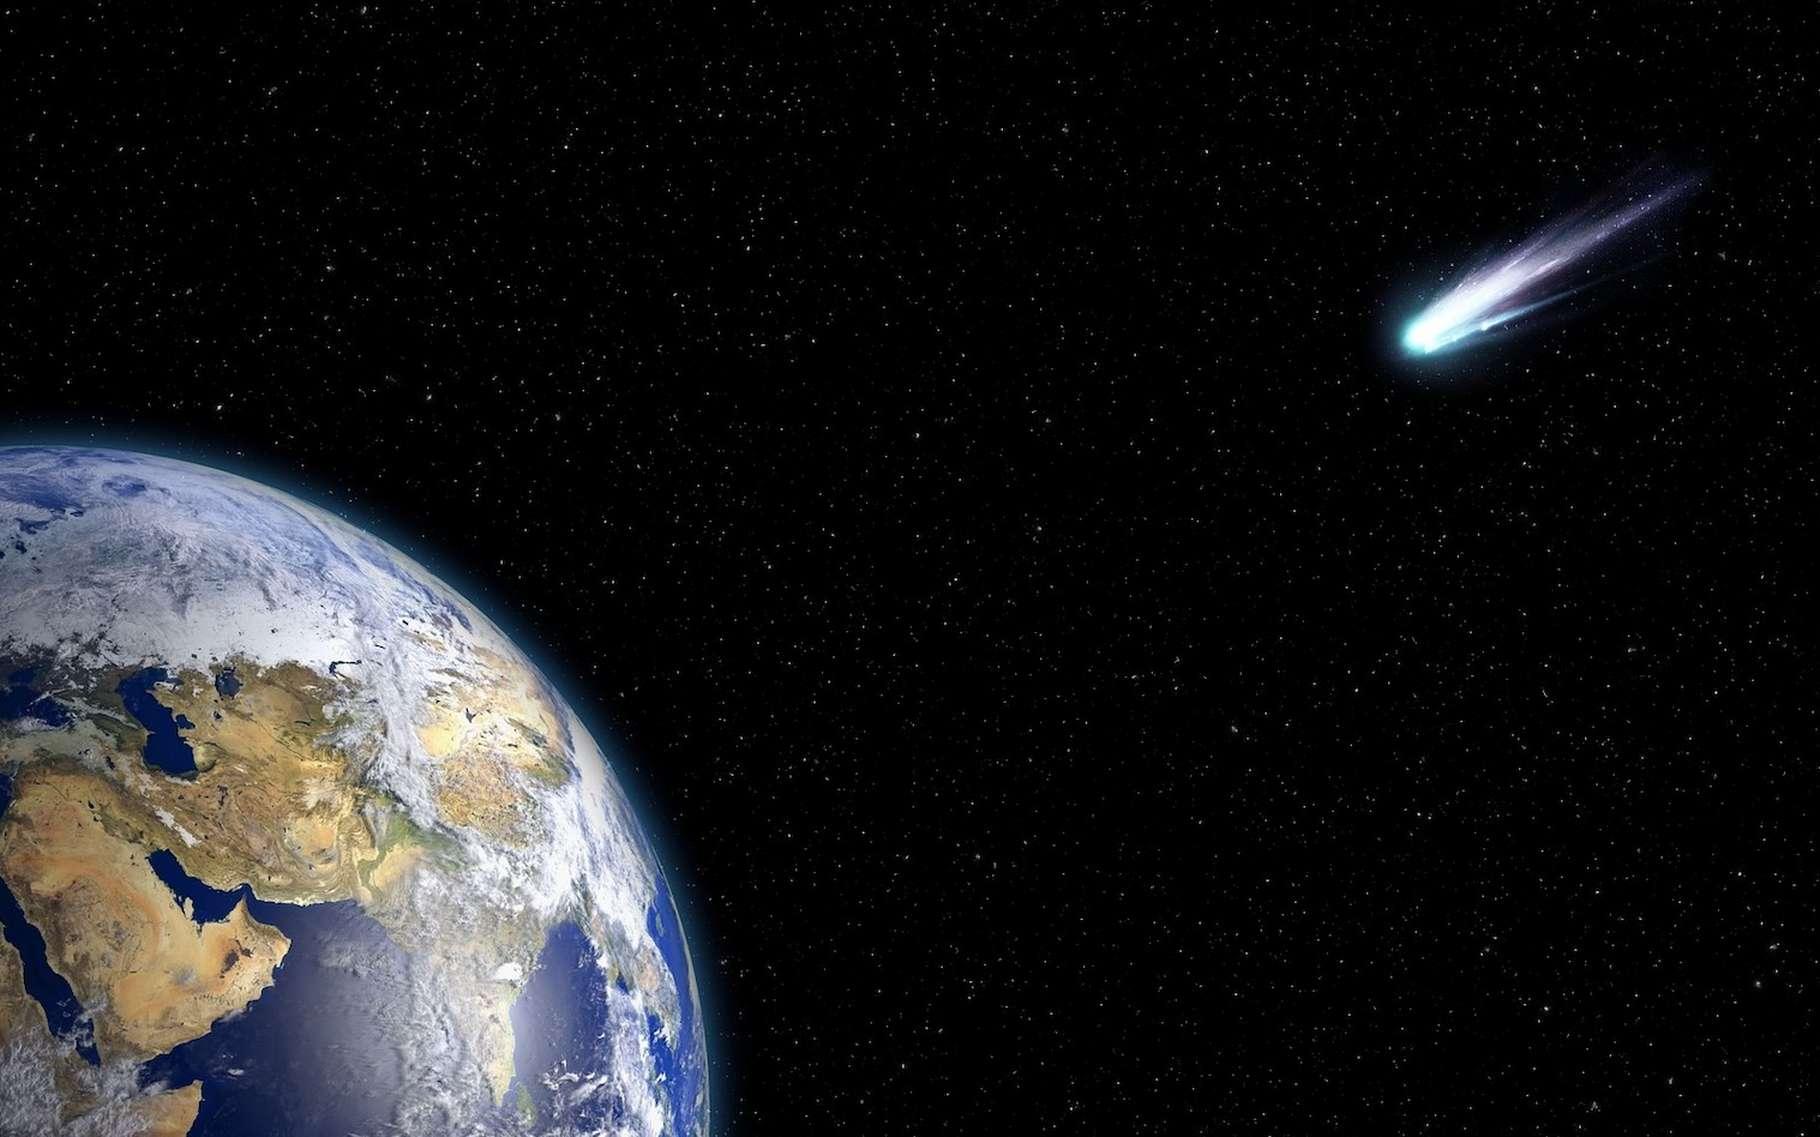 Des chercheurs semblent avoir identifié une région de l'espace qu'ils qualifient de passage par laquelle les comètes passeraient pour atteindre le Système solaire interne. © urikyo33, Fotolia